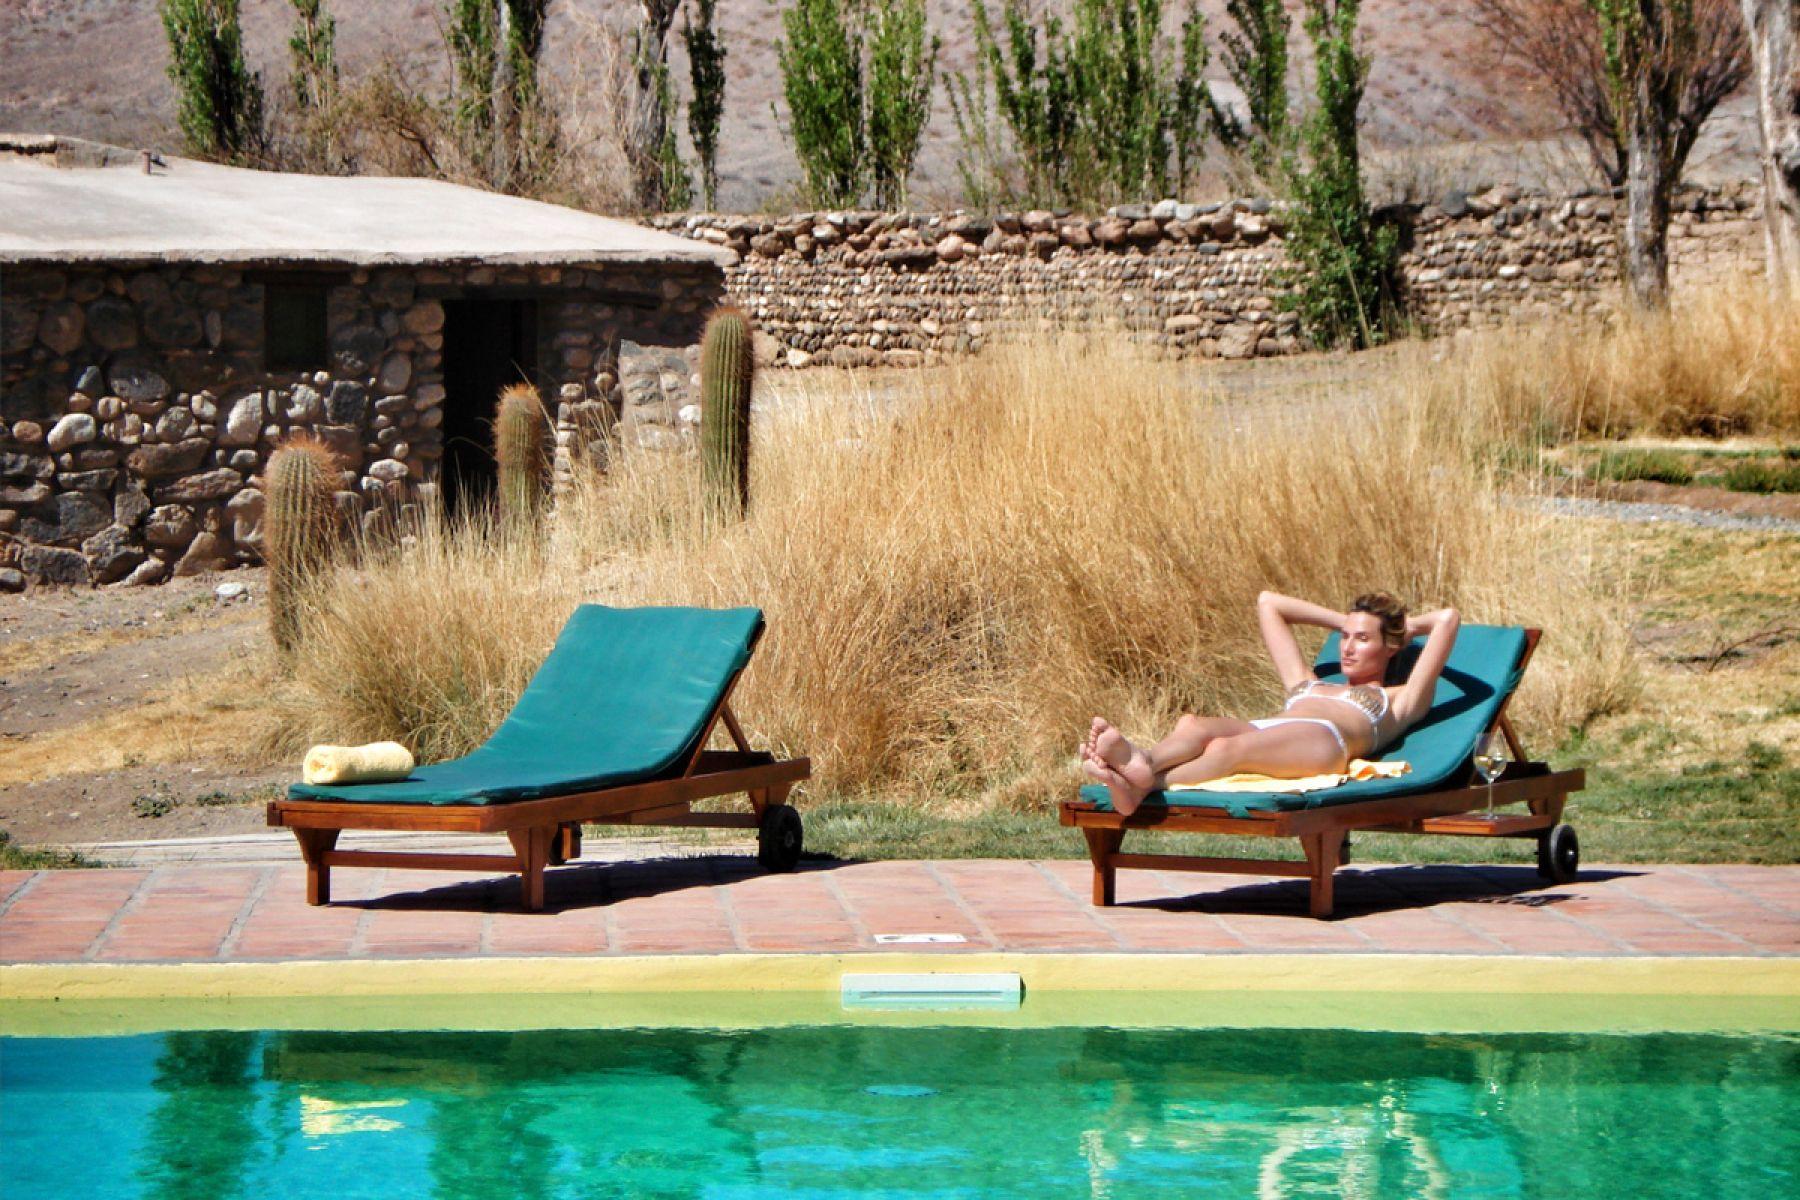 La merced del alto galer a de fotos del hotel la merced for Follando en la piscina del hotel